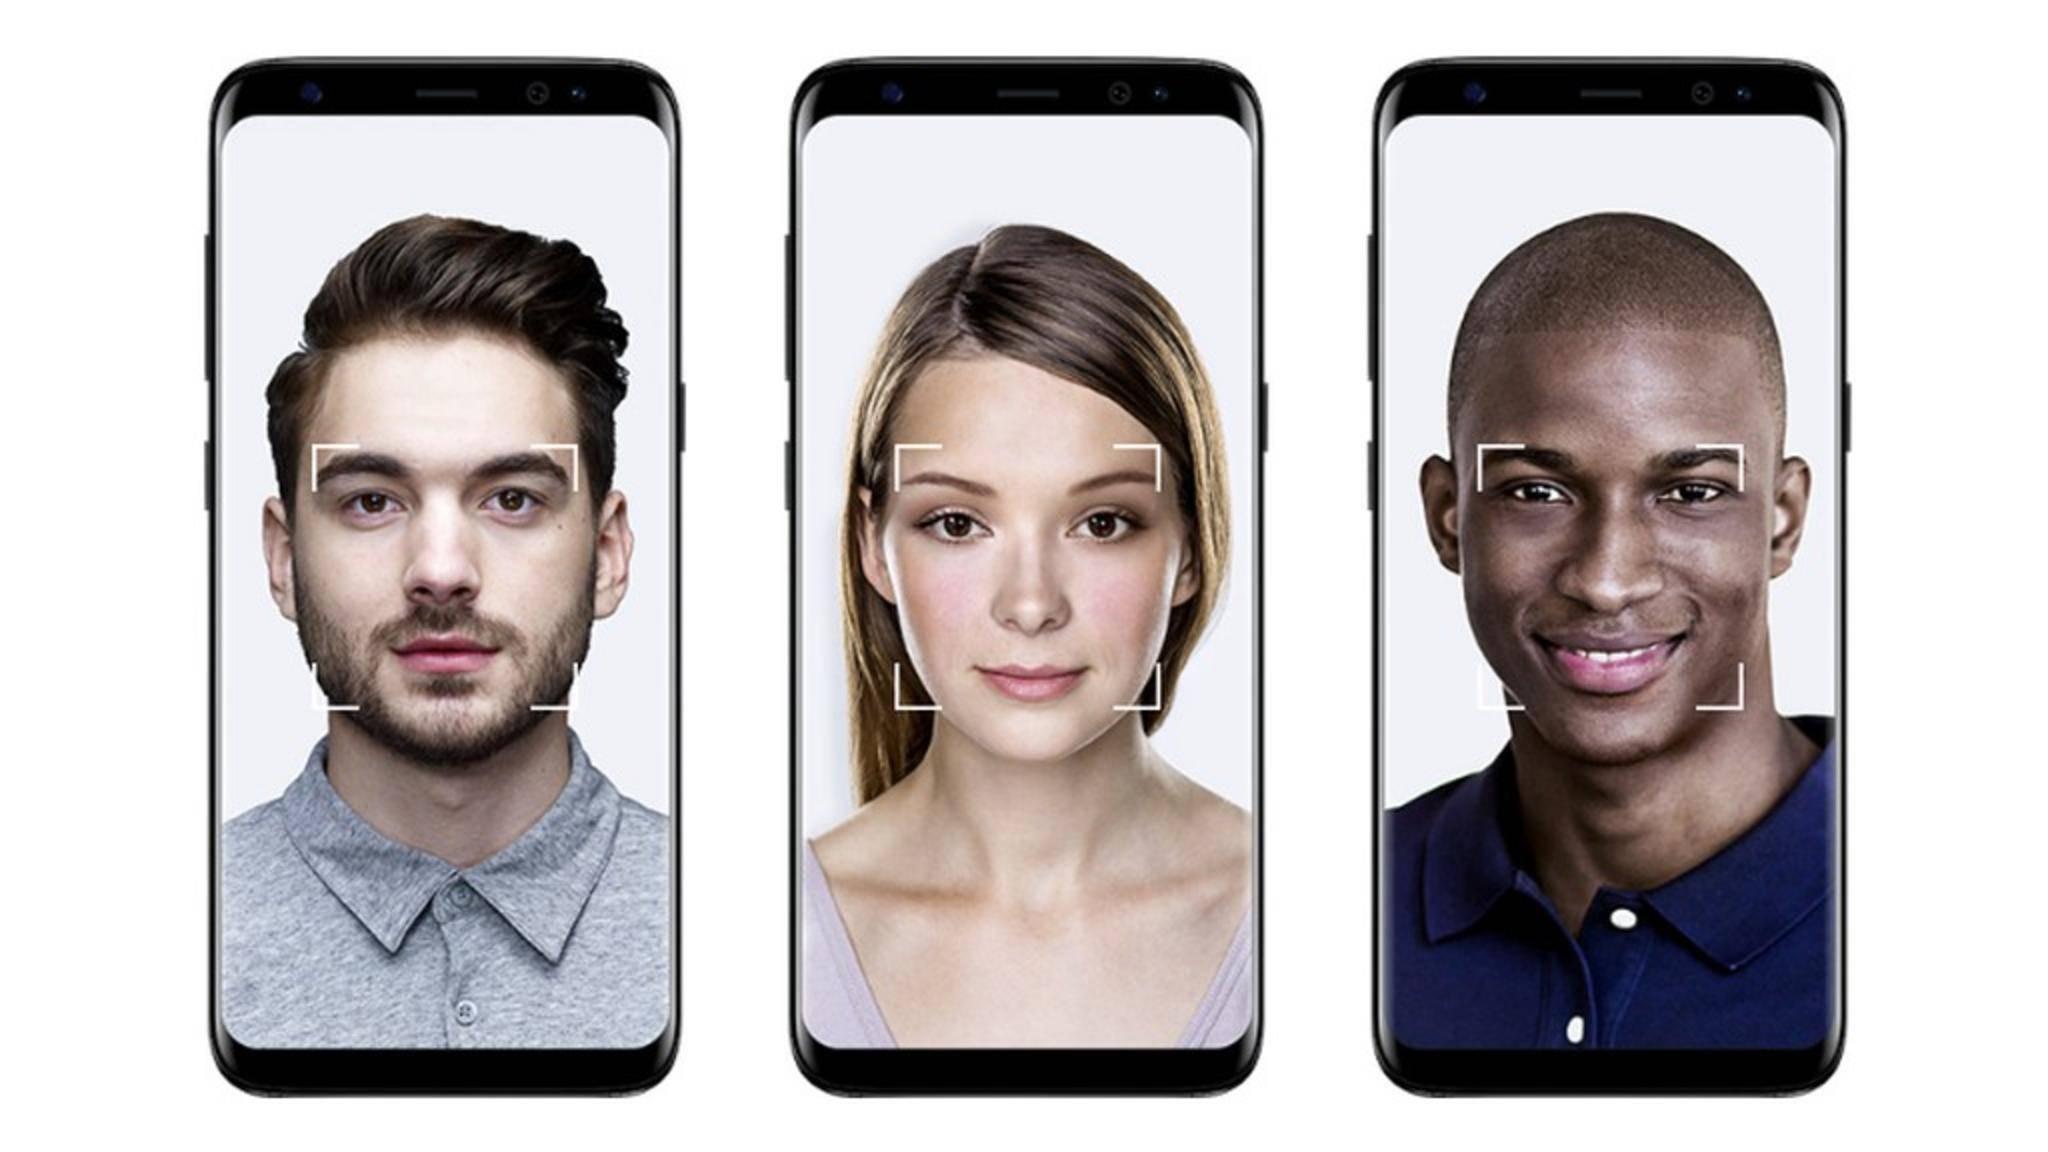 Der Gesichtsscanner lässt sich leider einfach mit einem Nutzerfoto überlisten